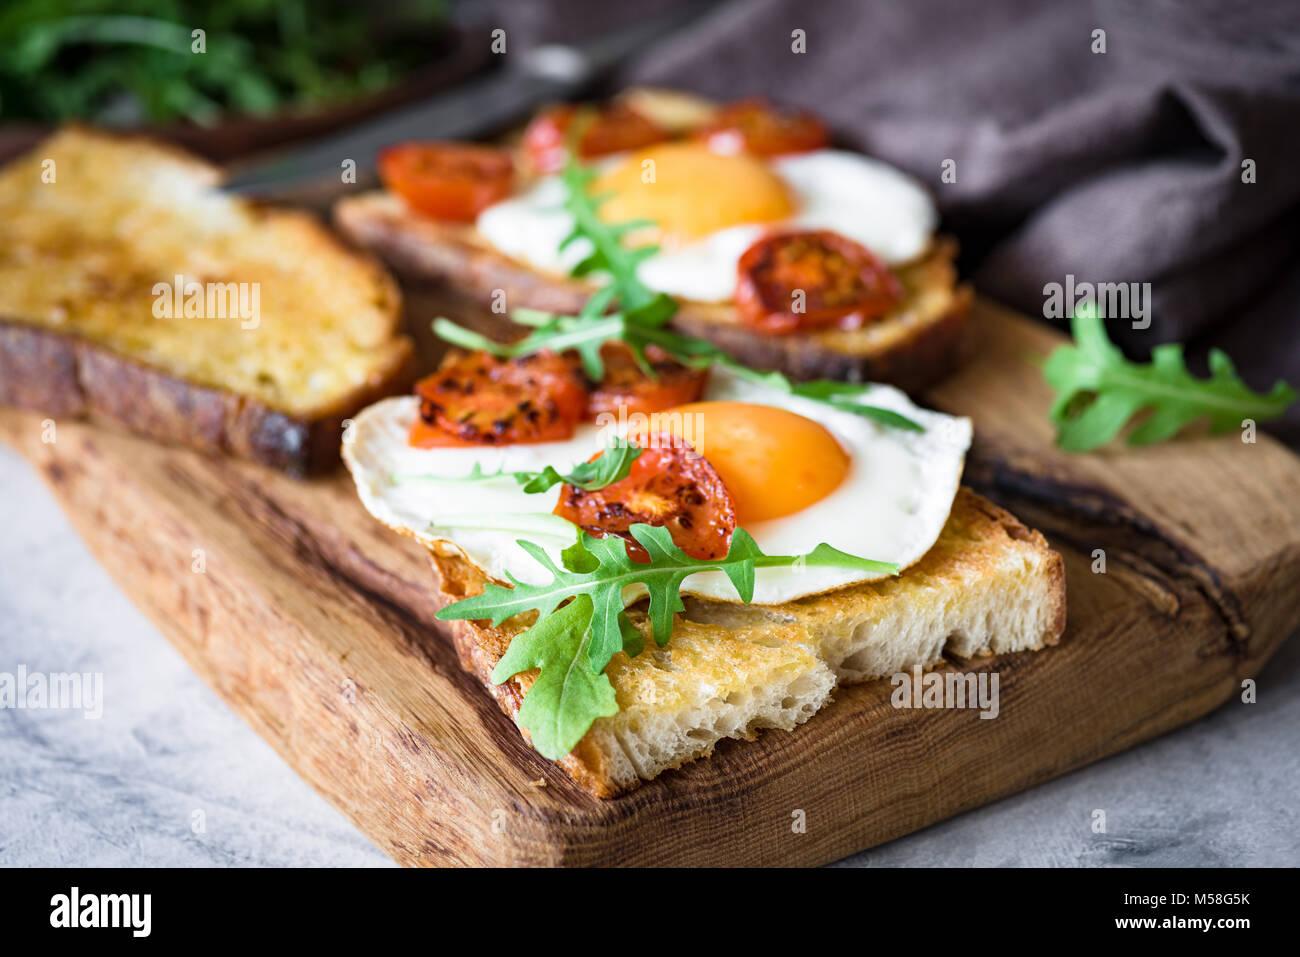 Sana colazione toast con uova, arrosti di pomodoro e rucola rustico sul tagliere di legno. Primo piano Immagini Stock